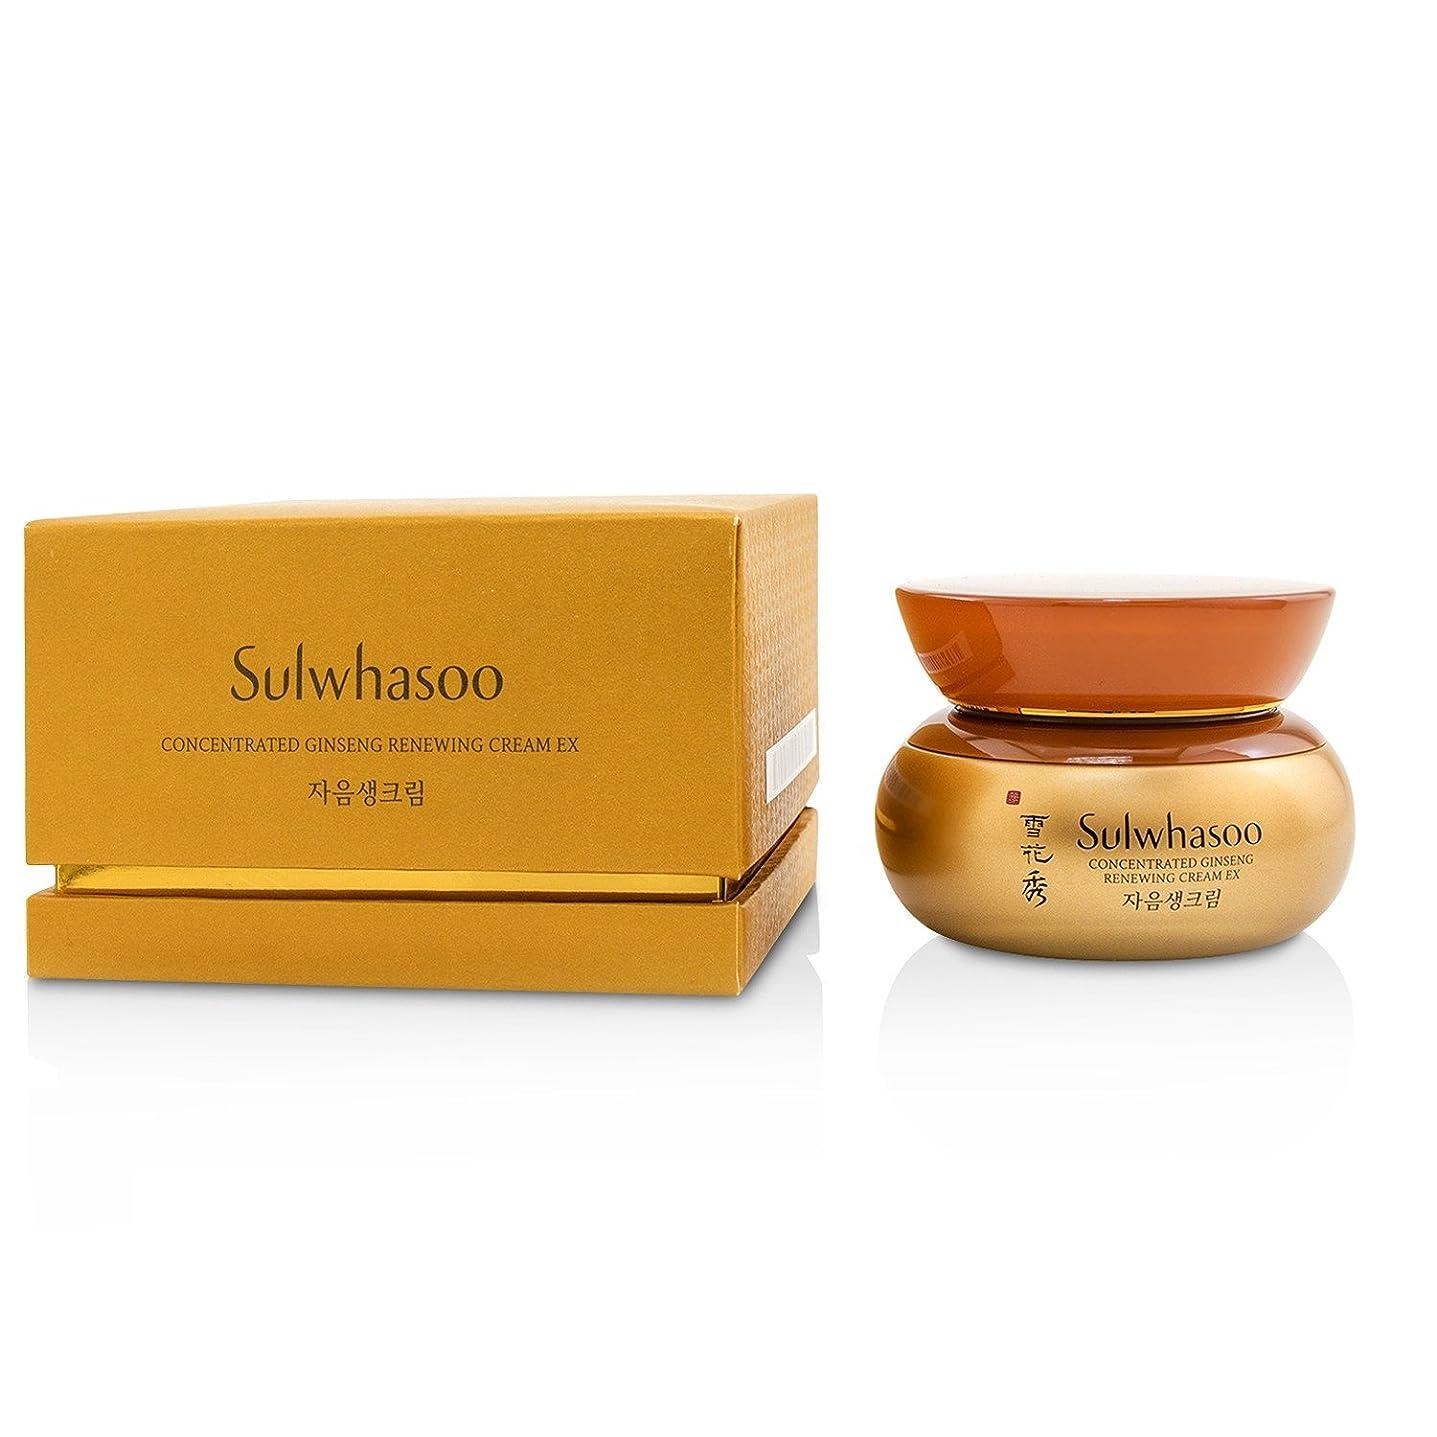 フィットうそつき尊敬するソルファス Concentrated Ginseng Renewing Cream EX 60ml/2.02oz並行輸入品